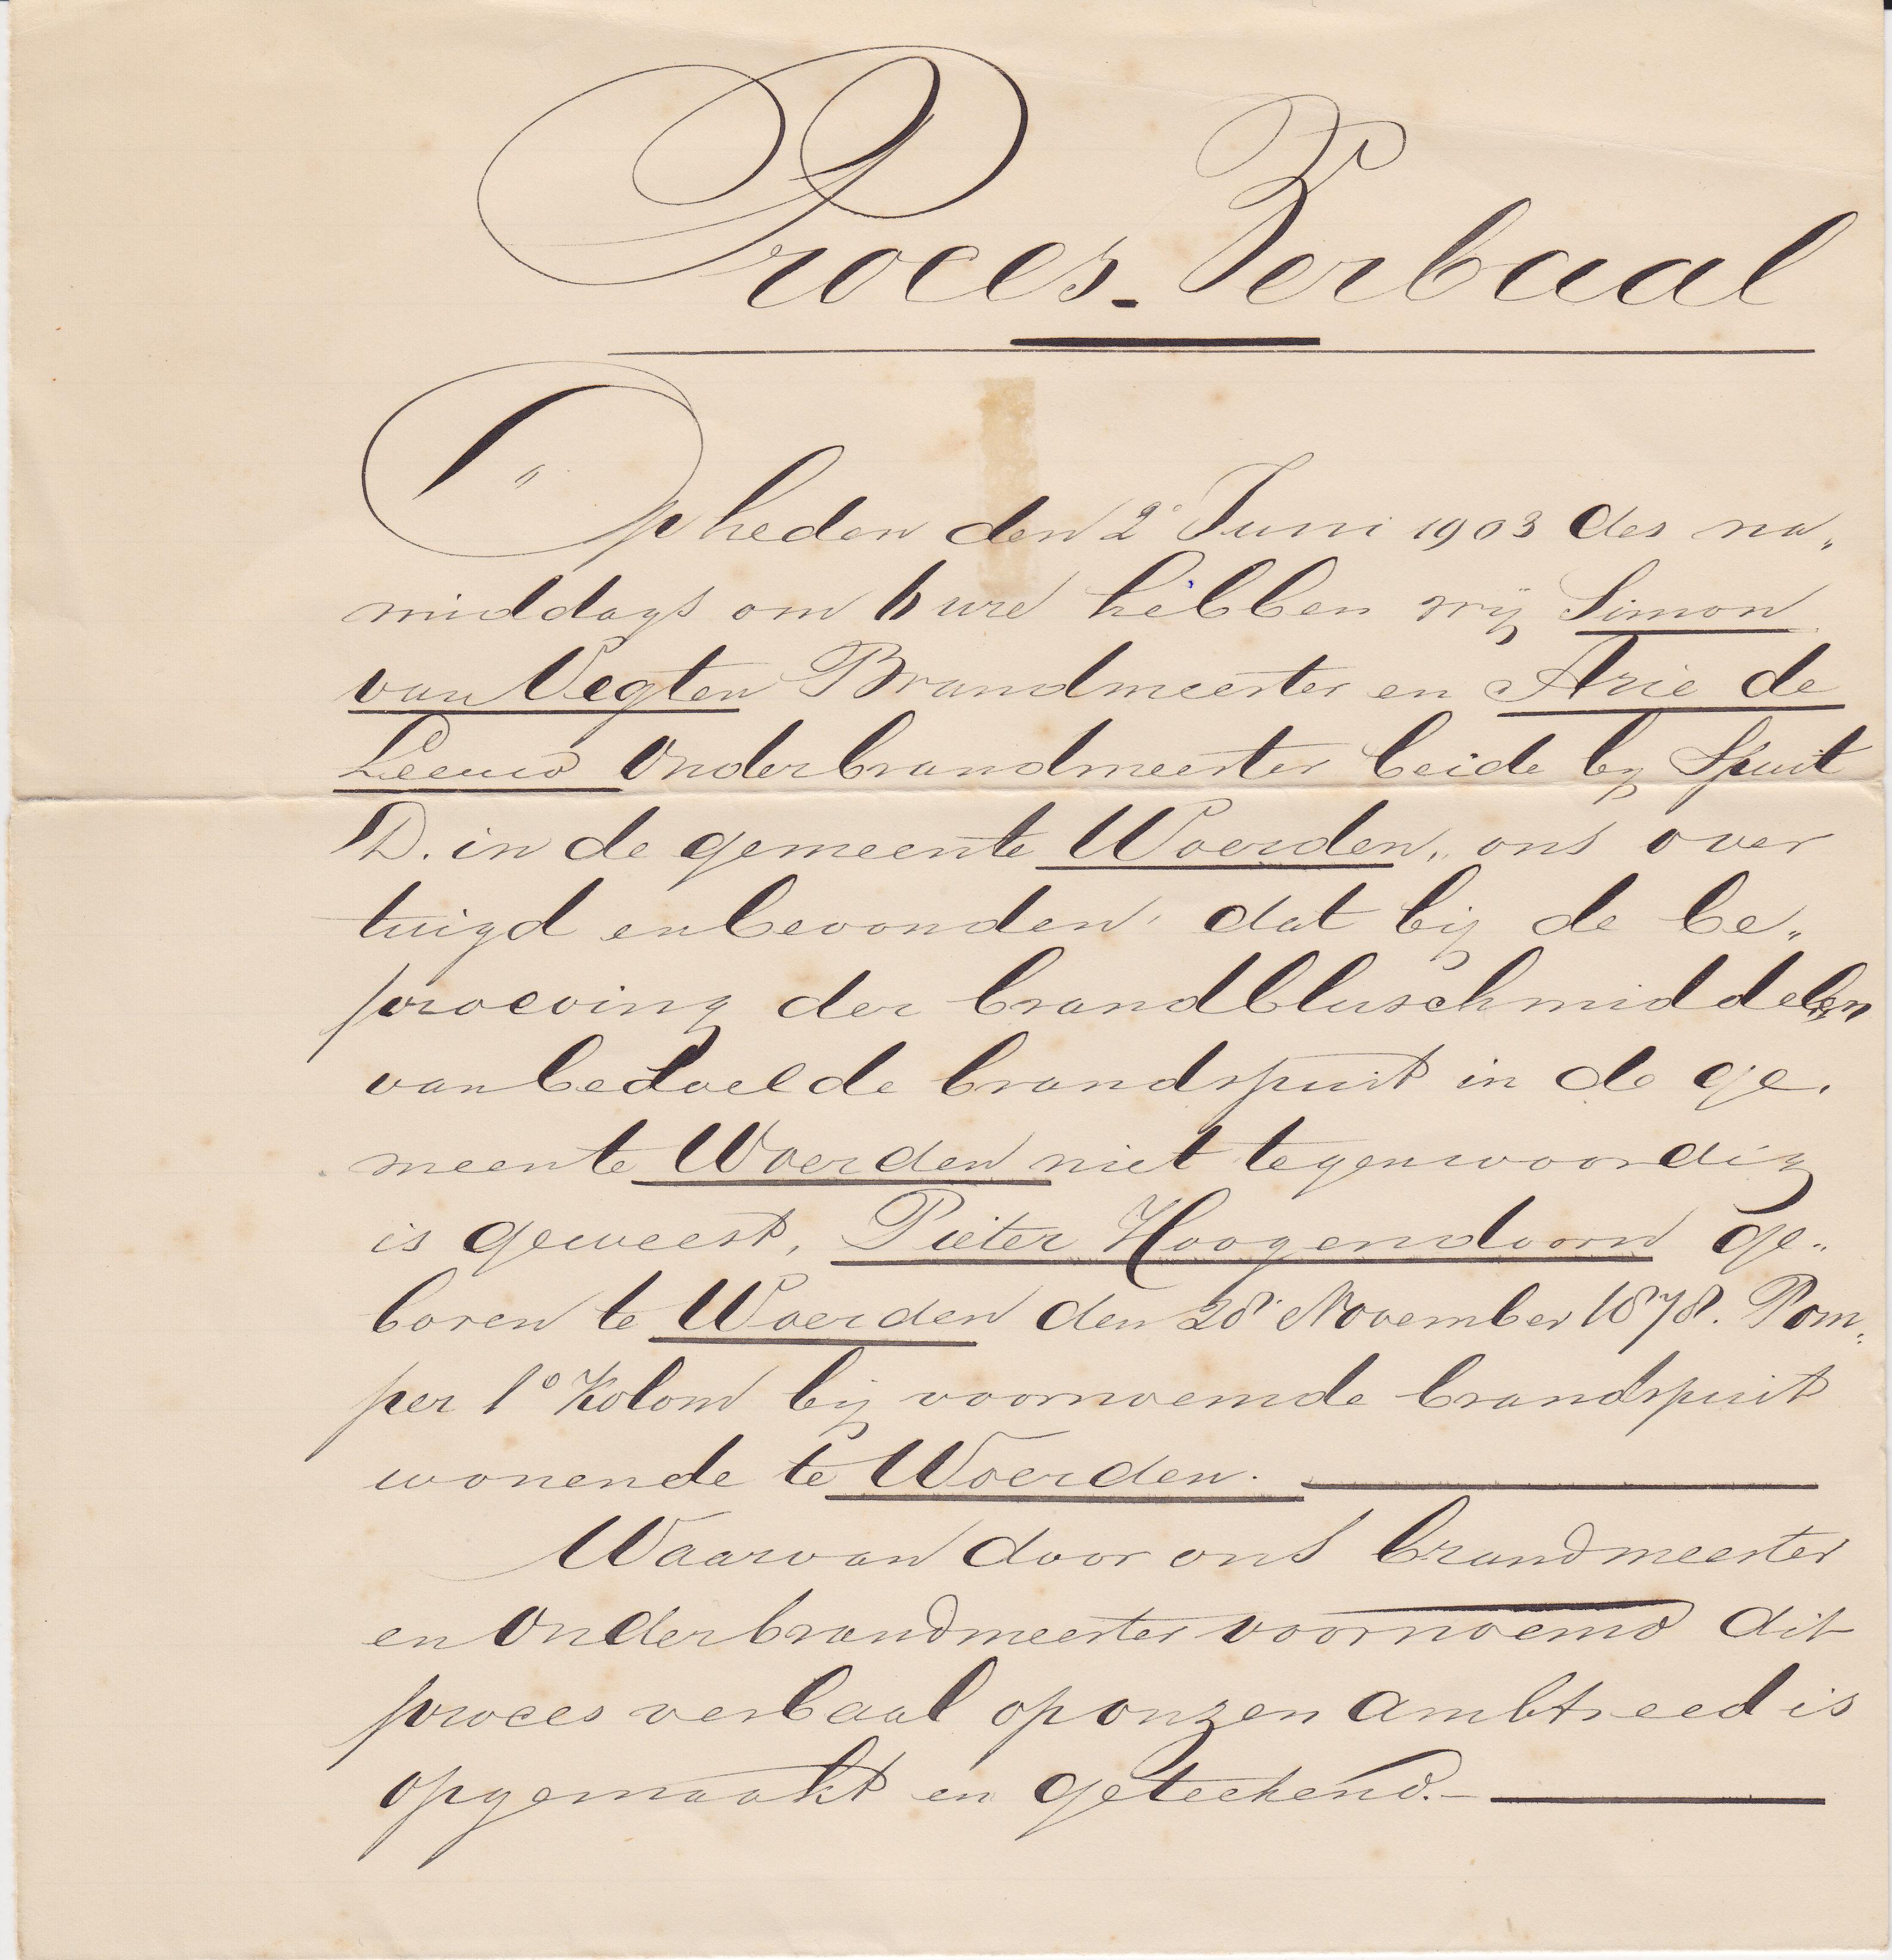 1a Proces Verbaal 2 juni 1903